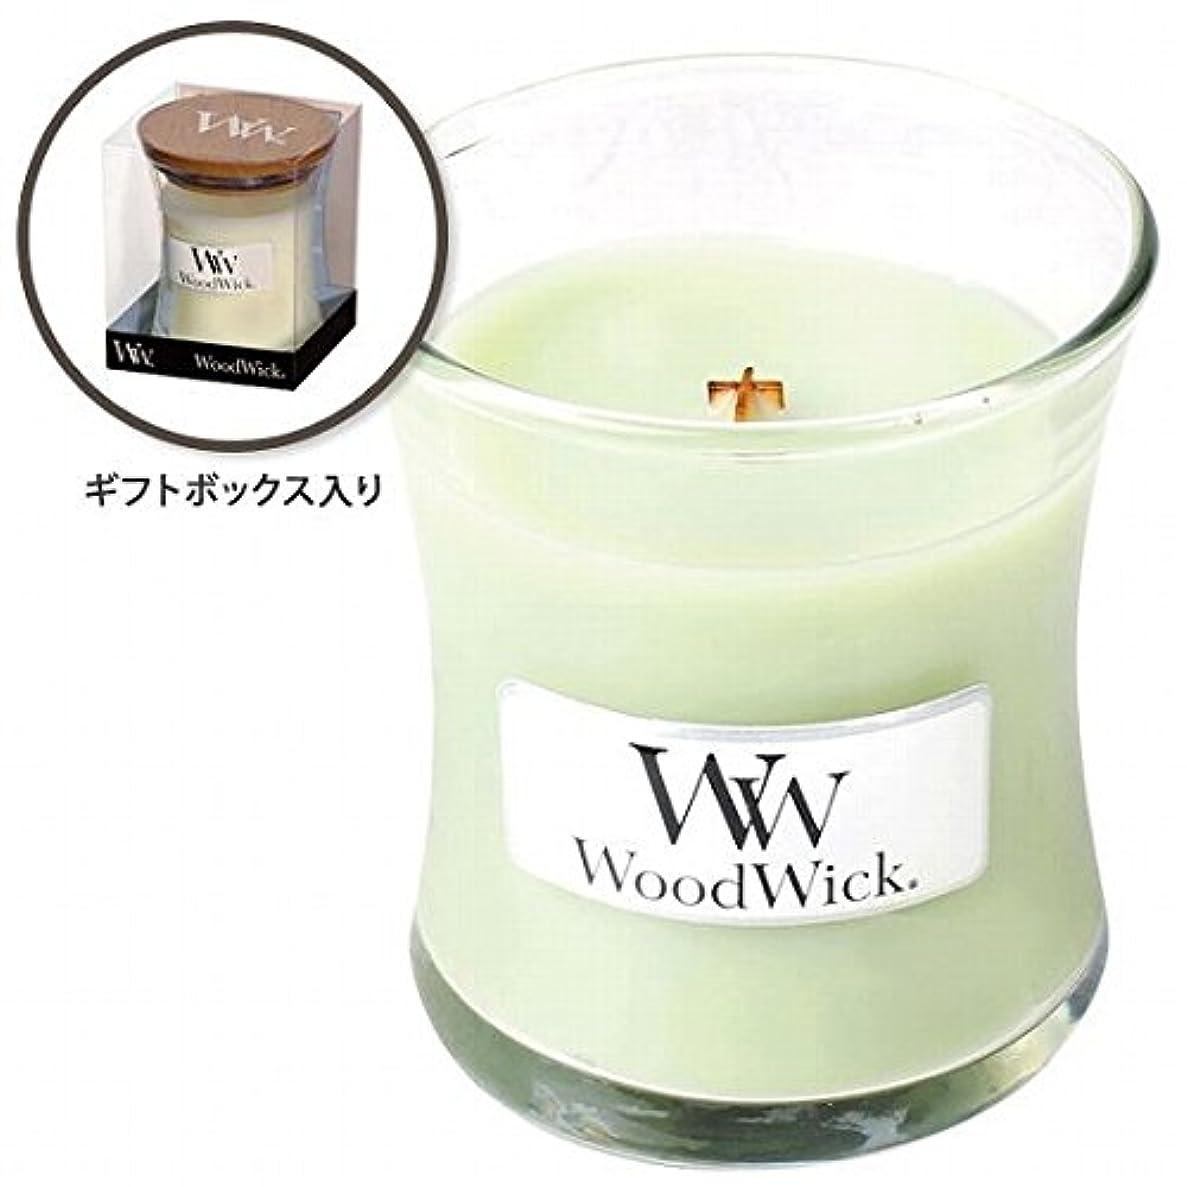 カウントアップ洞察力のある覚えているウッドウィック( WoodWick ) Wood WickジャーS 「ライムジェラート」